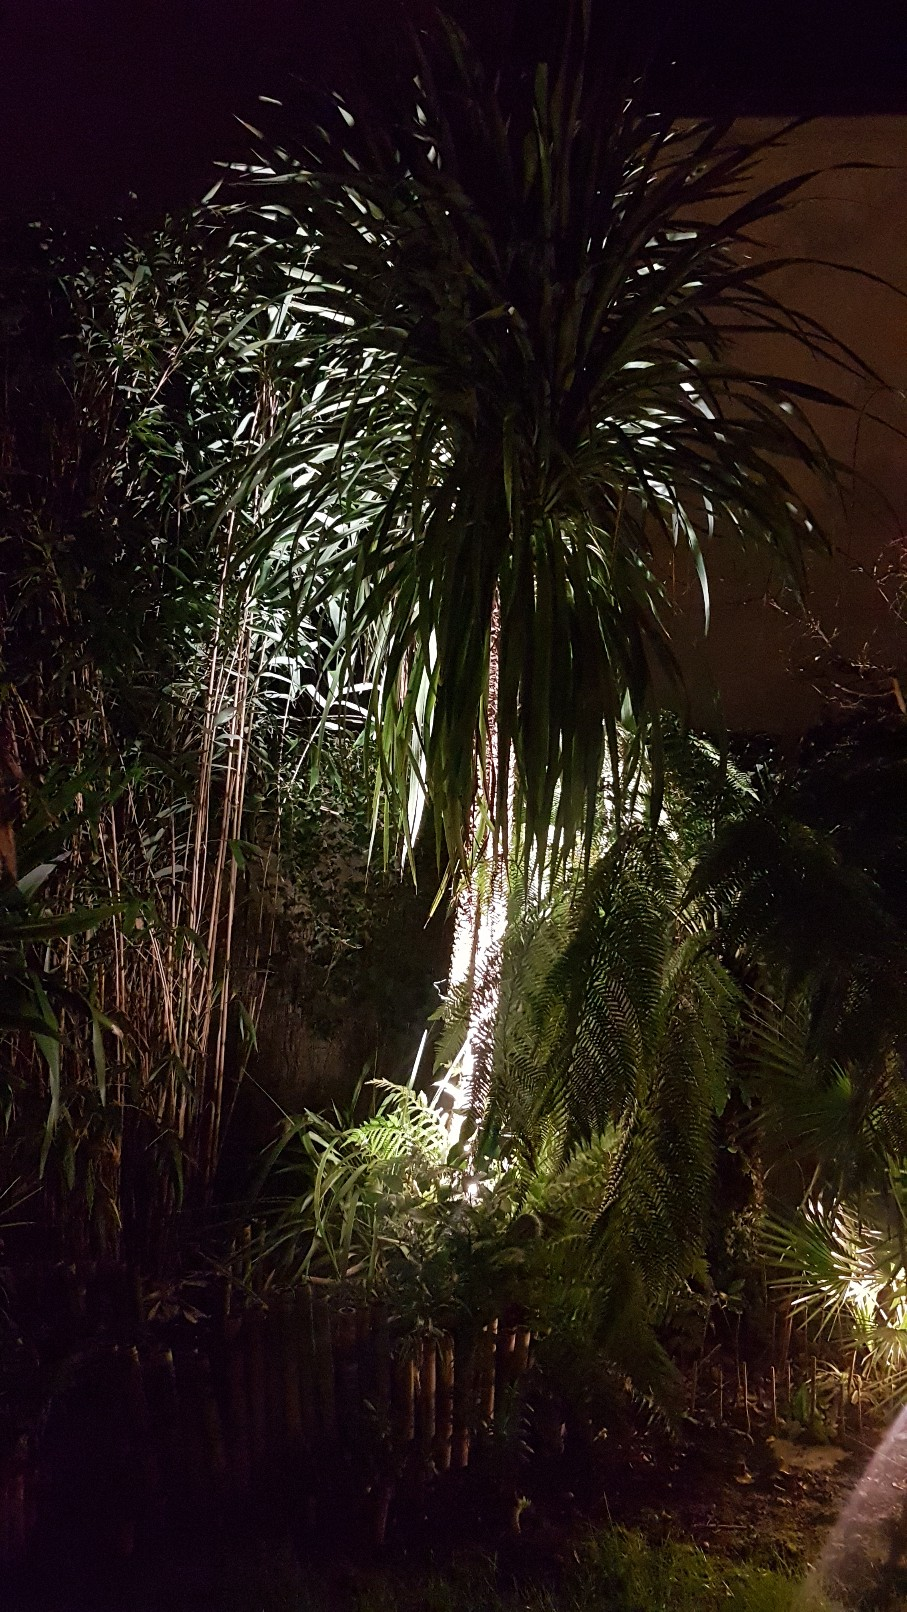 Rémi - Mon (tout) petit jardin en mode tropical - Page 10 20190168